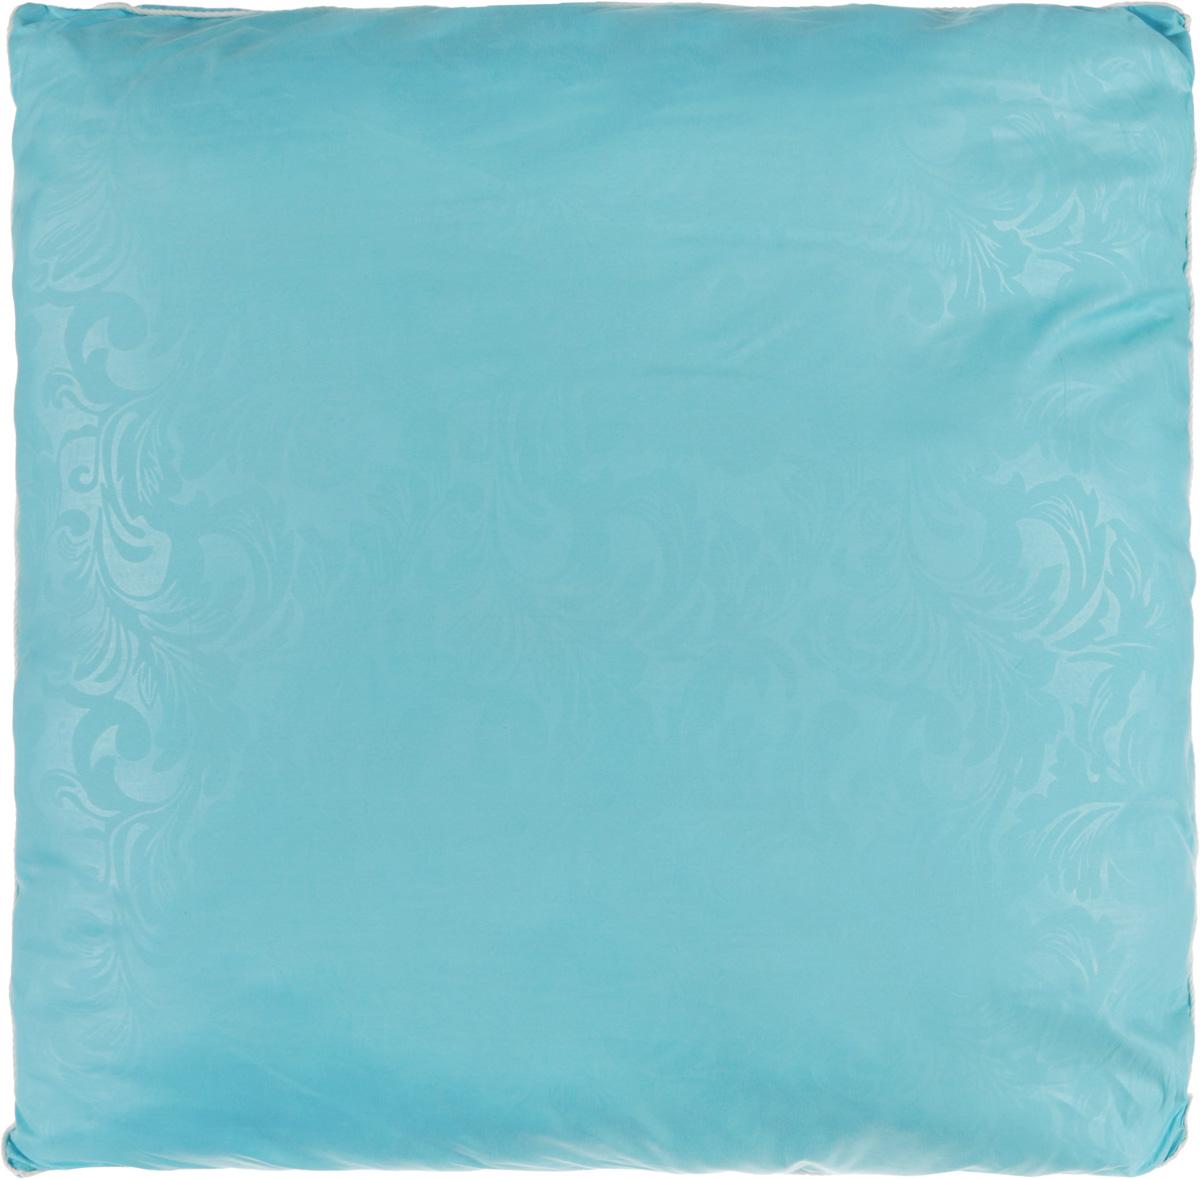 Подушка Smart Textile Безмятежность, наполнитель: лебяжий пух, бамбук, цвет: голубой, 70 х 70 см549014Удобная и мягкая подушка Smart Textile Безмятежность подарит здоровый сон и отличный отдых. Чехол подушки на молнии выполнен из микрофибры с красивым узором. В качестве наполнителя используется лебяжий пух с добавлением бамбукового волокна. Подушка мягкая, легкая и воздушная, бамбуковый наполнитель напоминает вату или синтепон. Лебяжий пух - это 100% сверхтонкое высокосиликонизированное волокно. Такой наполнитель мягкий и приятный на ощупь. Гипоаллергенное волокно бамбука легко пропускает воздух и не вызывает потливости. Оно мгновенно впитывает влагу и быстро высыхает, что особенно важно в летний зной. Подушка удобна в эксплуатации: легко стирается, быстро сохнет, сохраняя первоначальные свойства, устойчива к воздействию прямых солнечных лучей, износостойка и прочна. Подушка не накапливает запахов и не требует химчистки. Подушка упруга, великолепно держит форму, а также отличается достаточной жесткостью. Сон на такой подушке не принесет болей в шее и позвоночнике. Изделие также обладает высокой теплоизоляционной способностью - не вызывает перегрева головы.